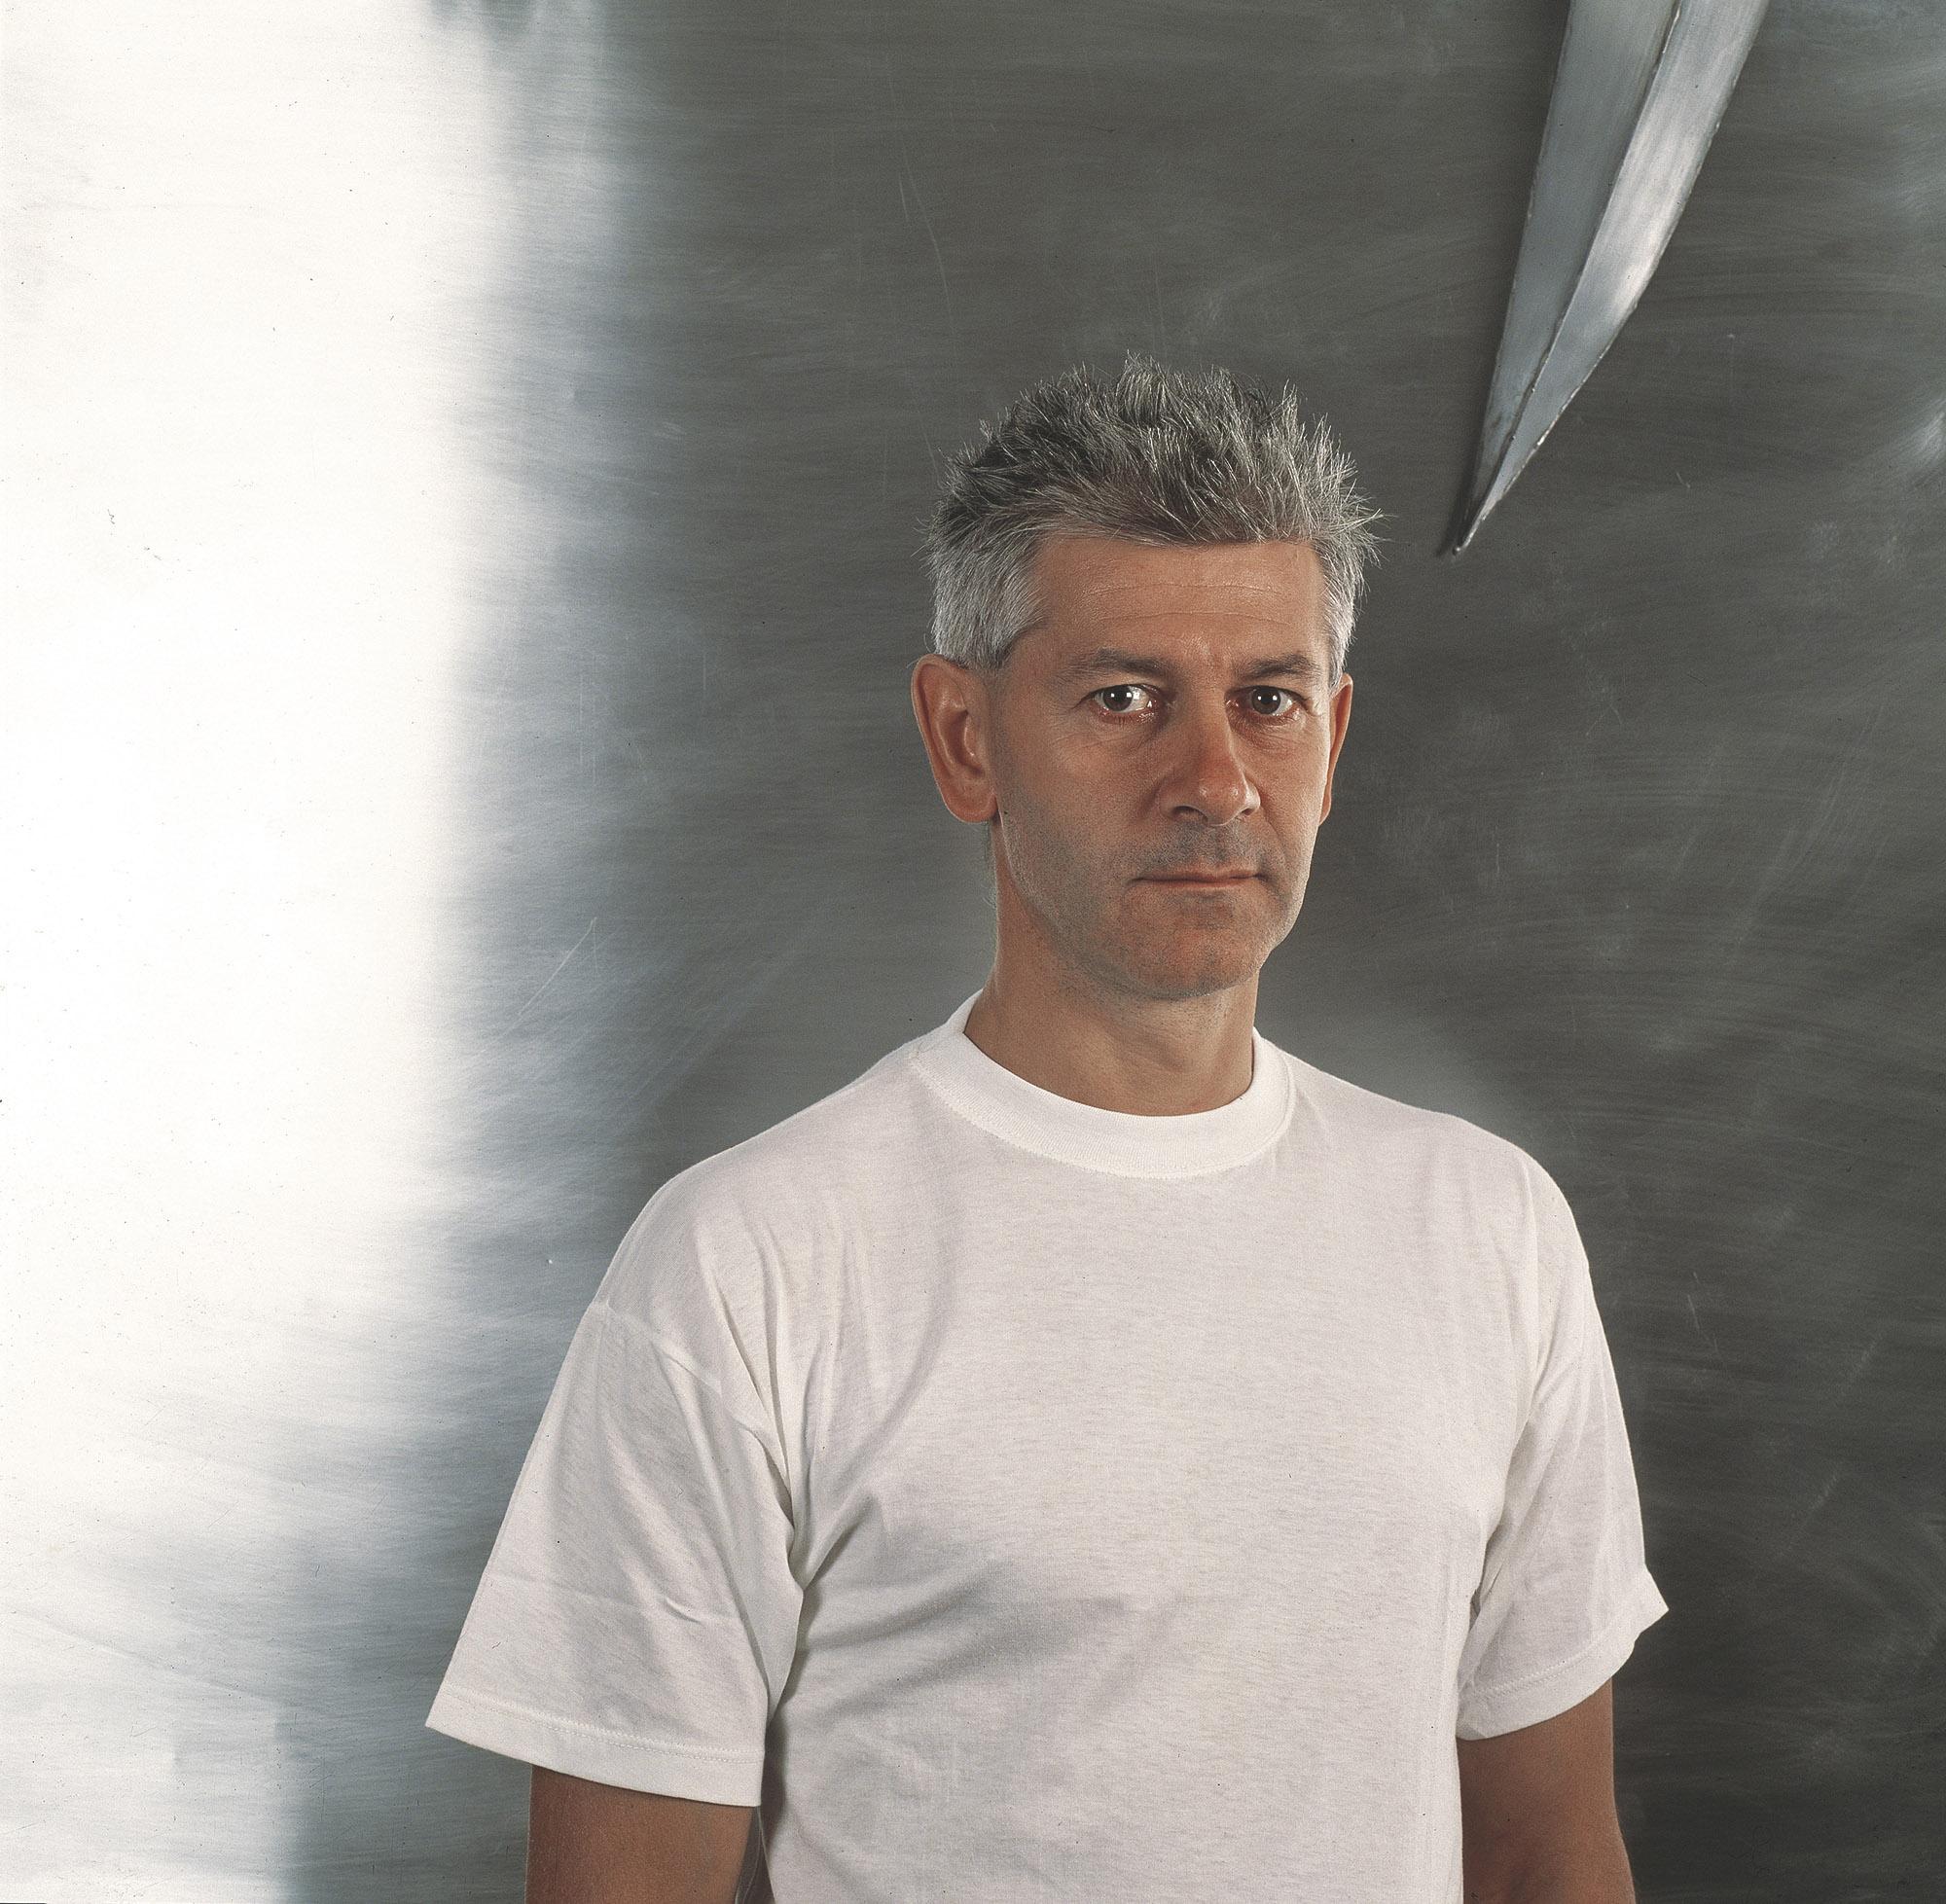 skerbisch_portrait_2.jpg